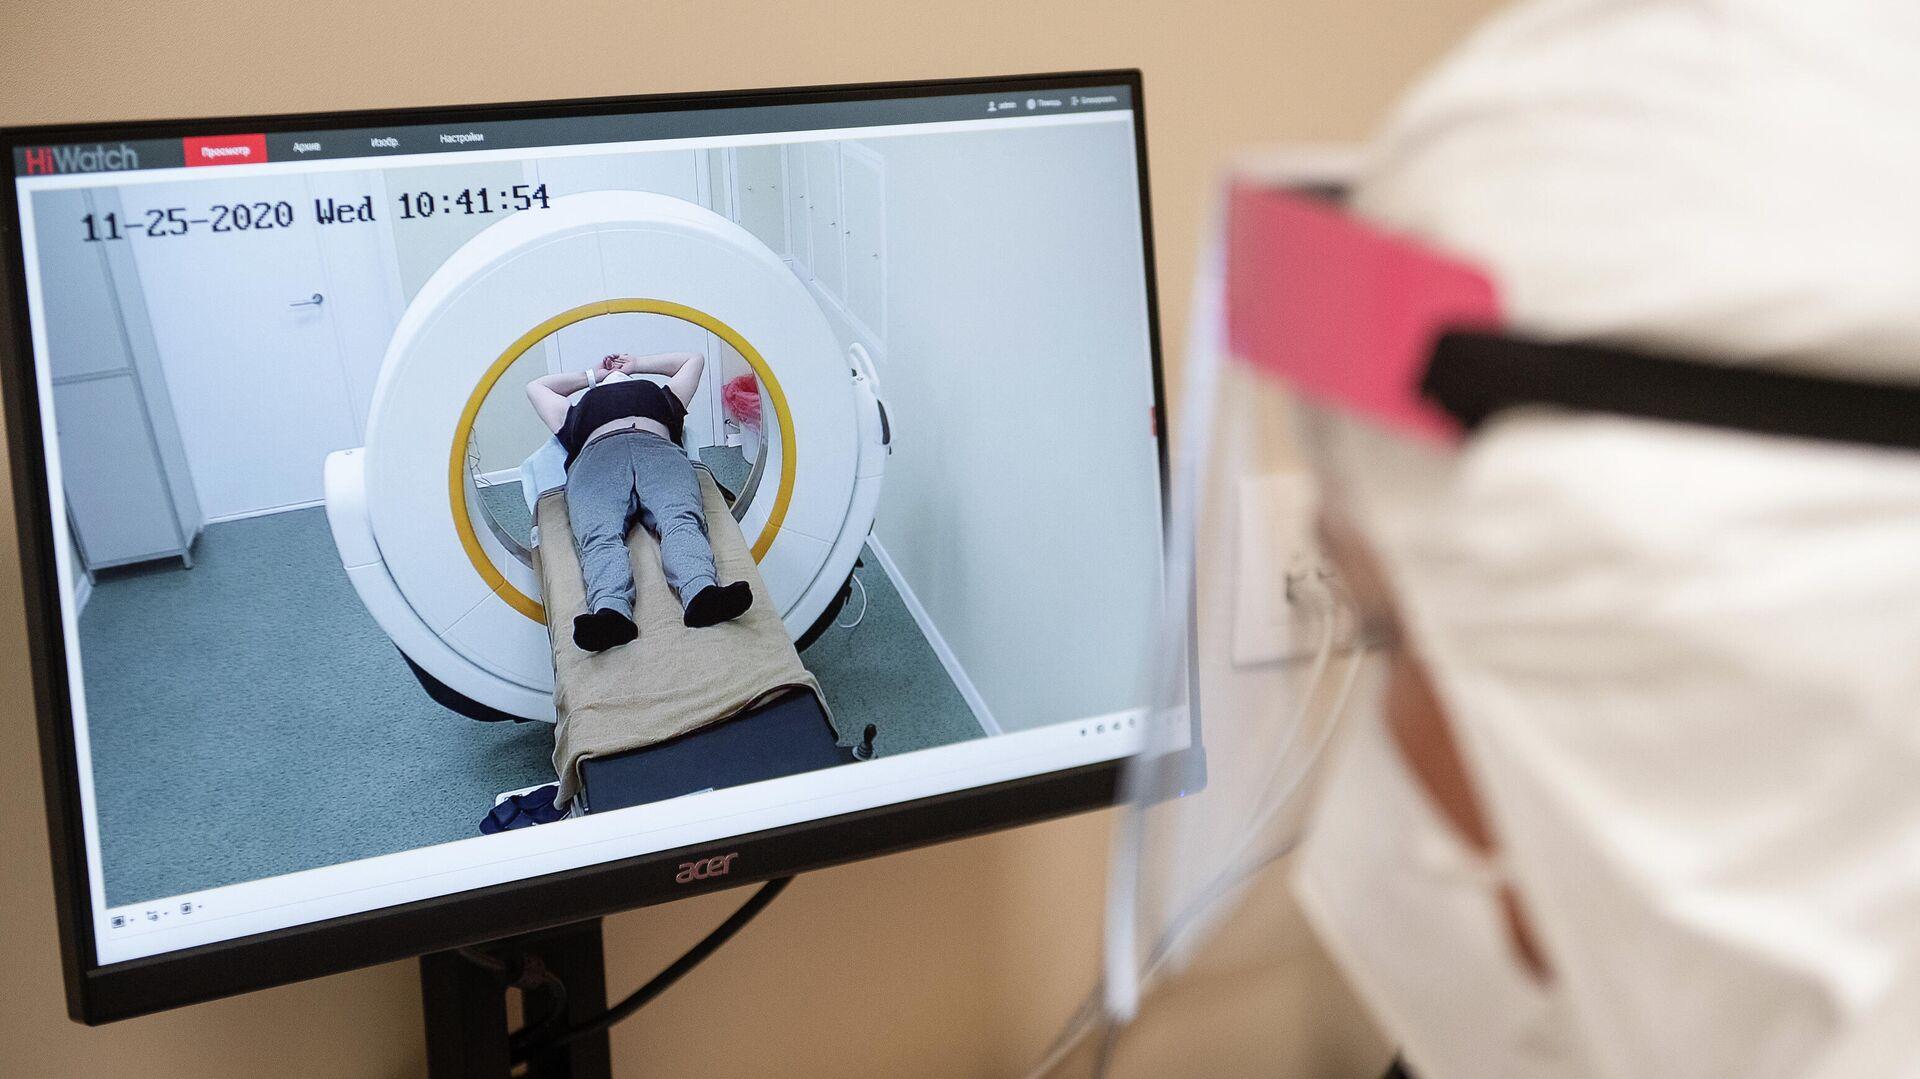 Врач проводит обследование пациента на аппарате компьютерной томографии во временном госпитале для пациентов с COVID-19, развернутом в ледовом дворце Крылатское - РИА Новости, 1920, 05.08.2021